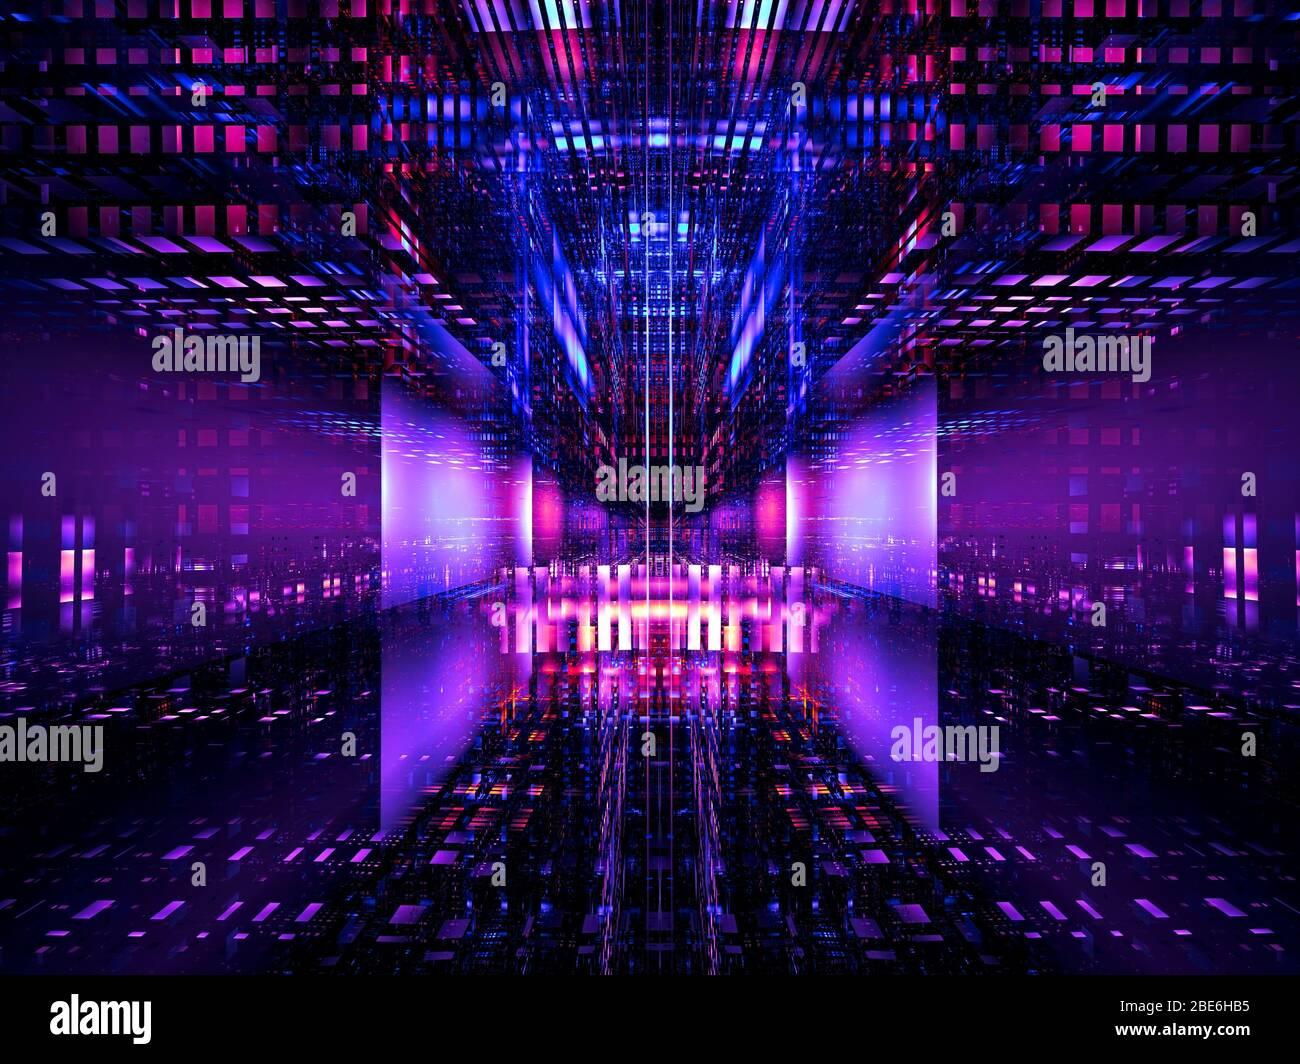 Estructura futurista - estación espacial alienígena o portal - ilustración 3d Foto de stock